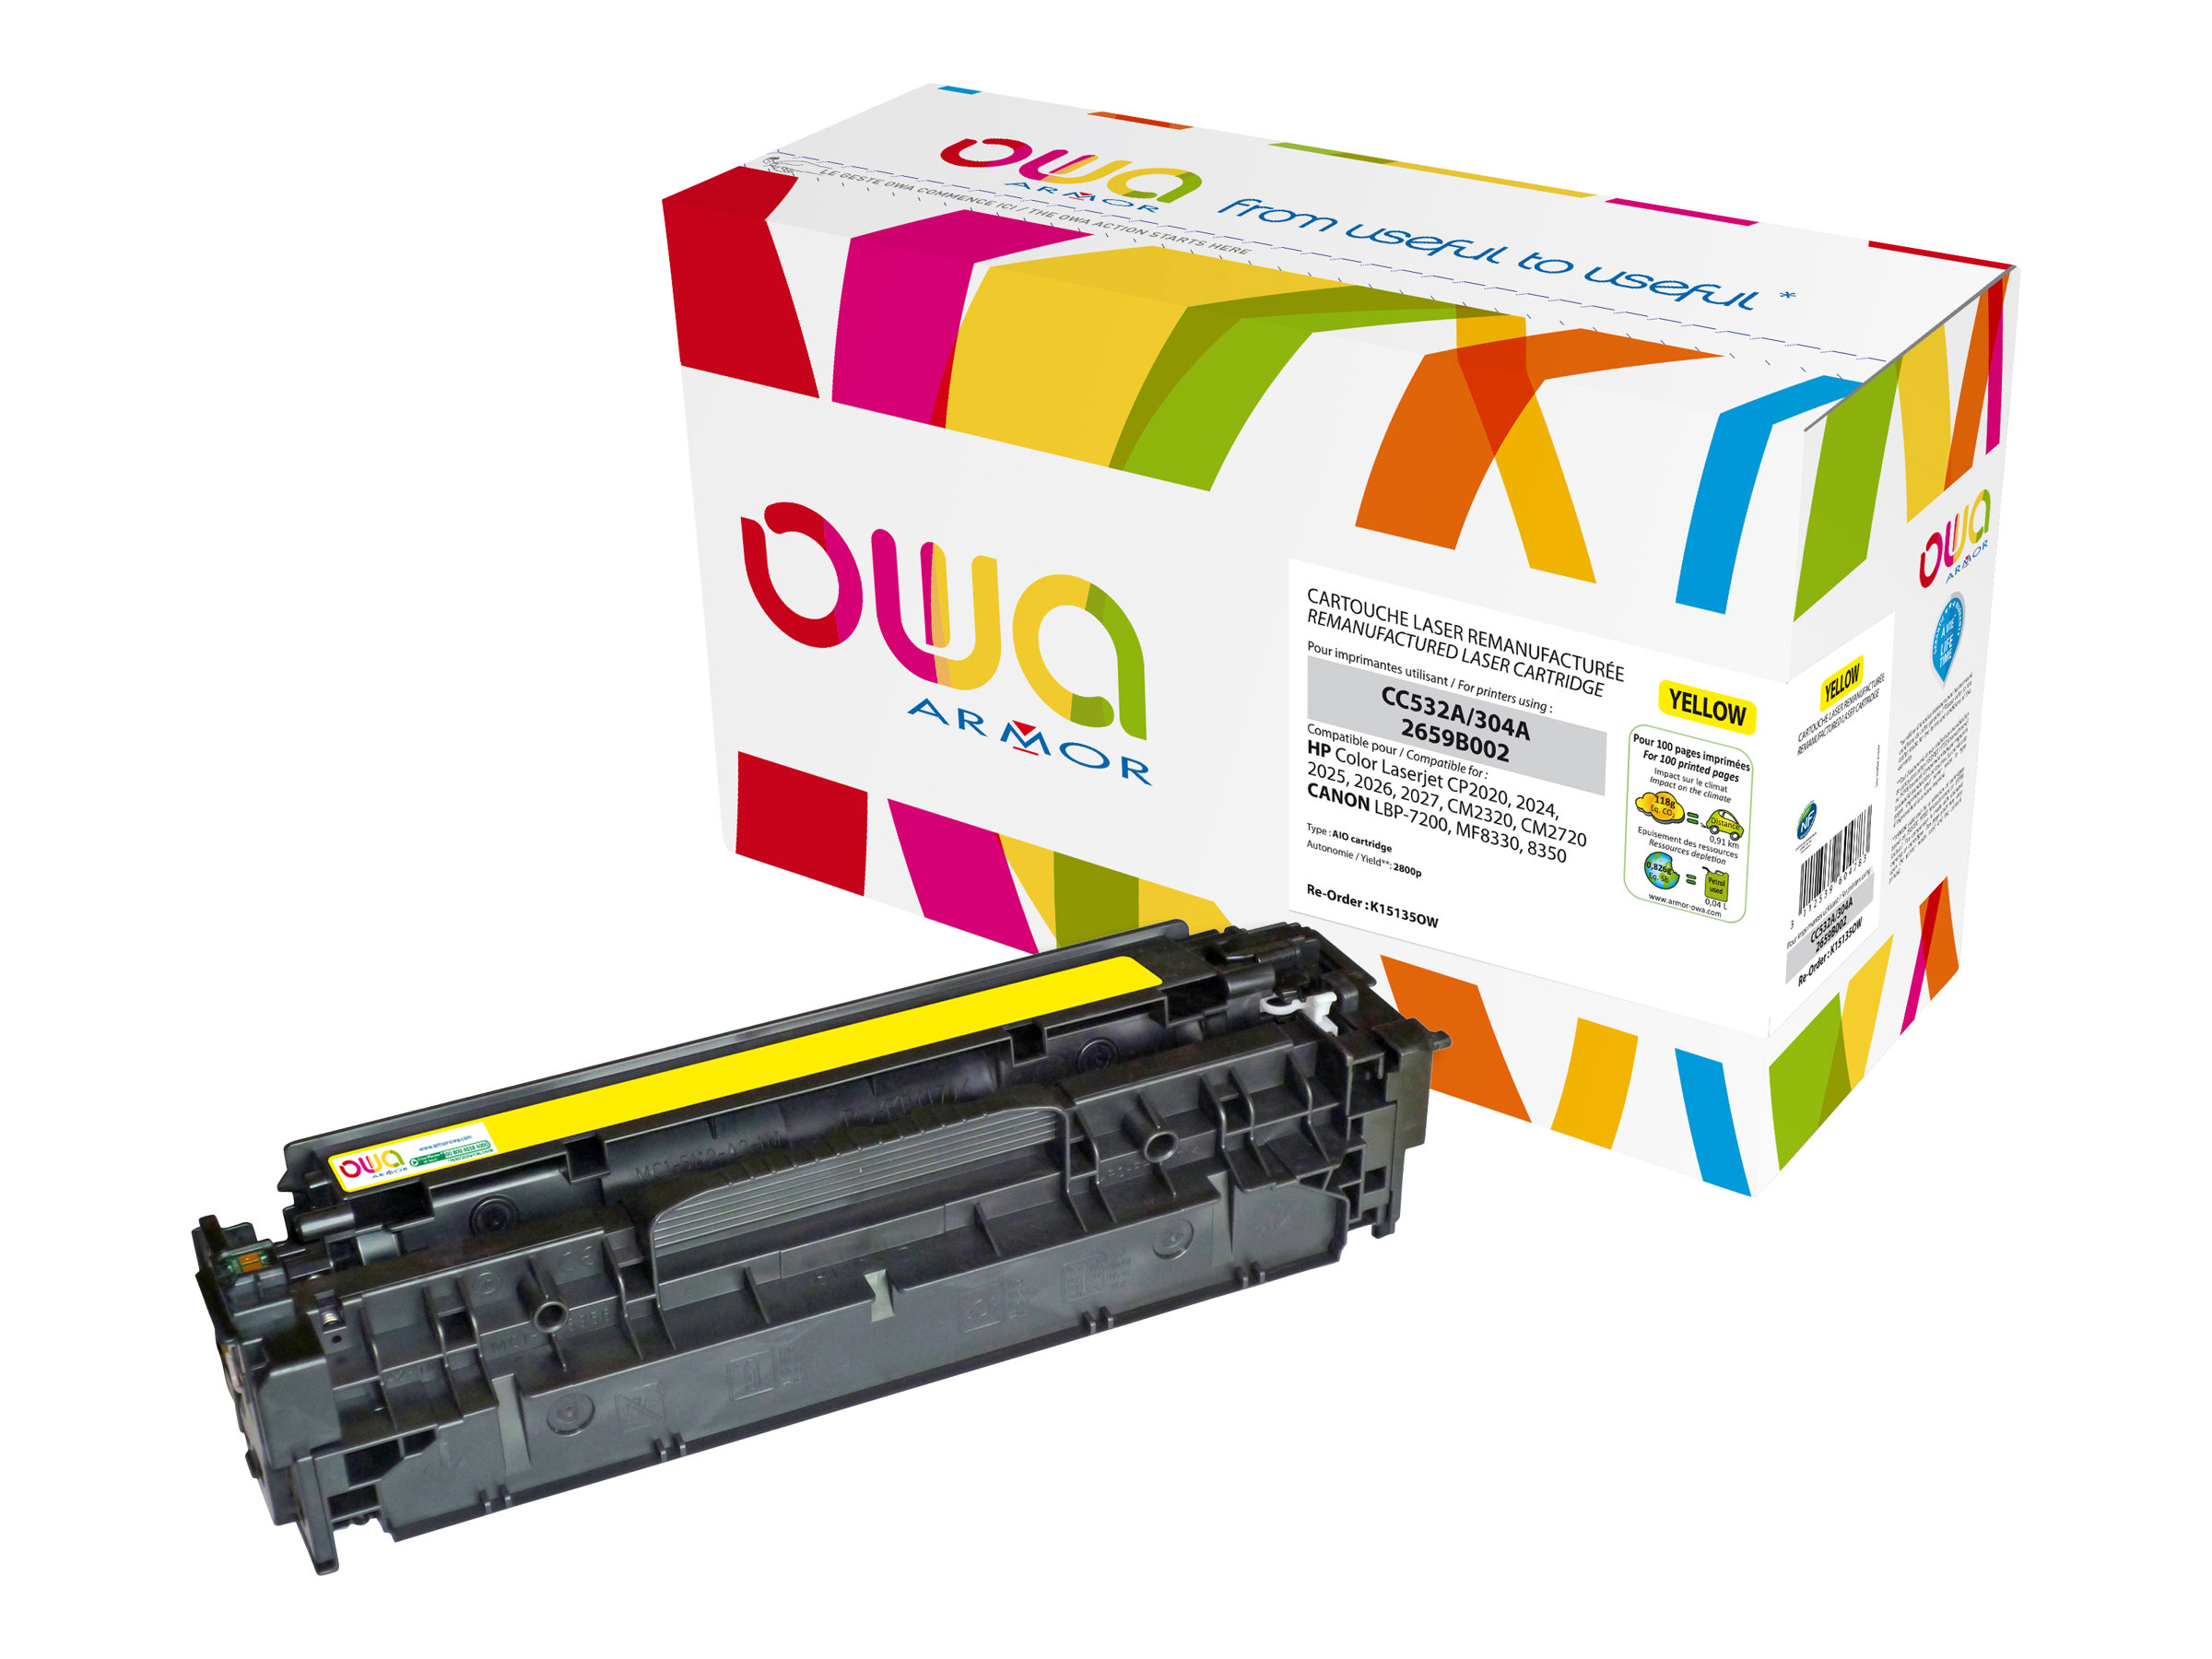 HP 304A - remanufacturé Owa K15135OW - jaune - cartouche laser